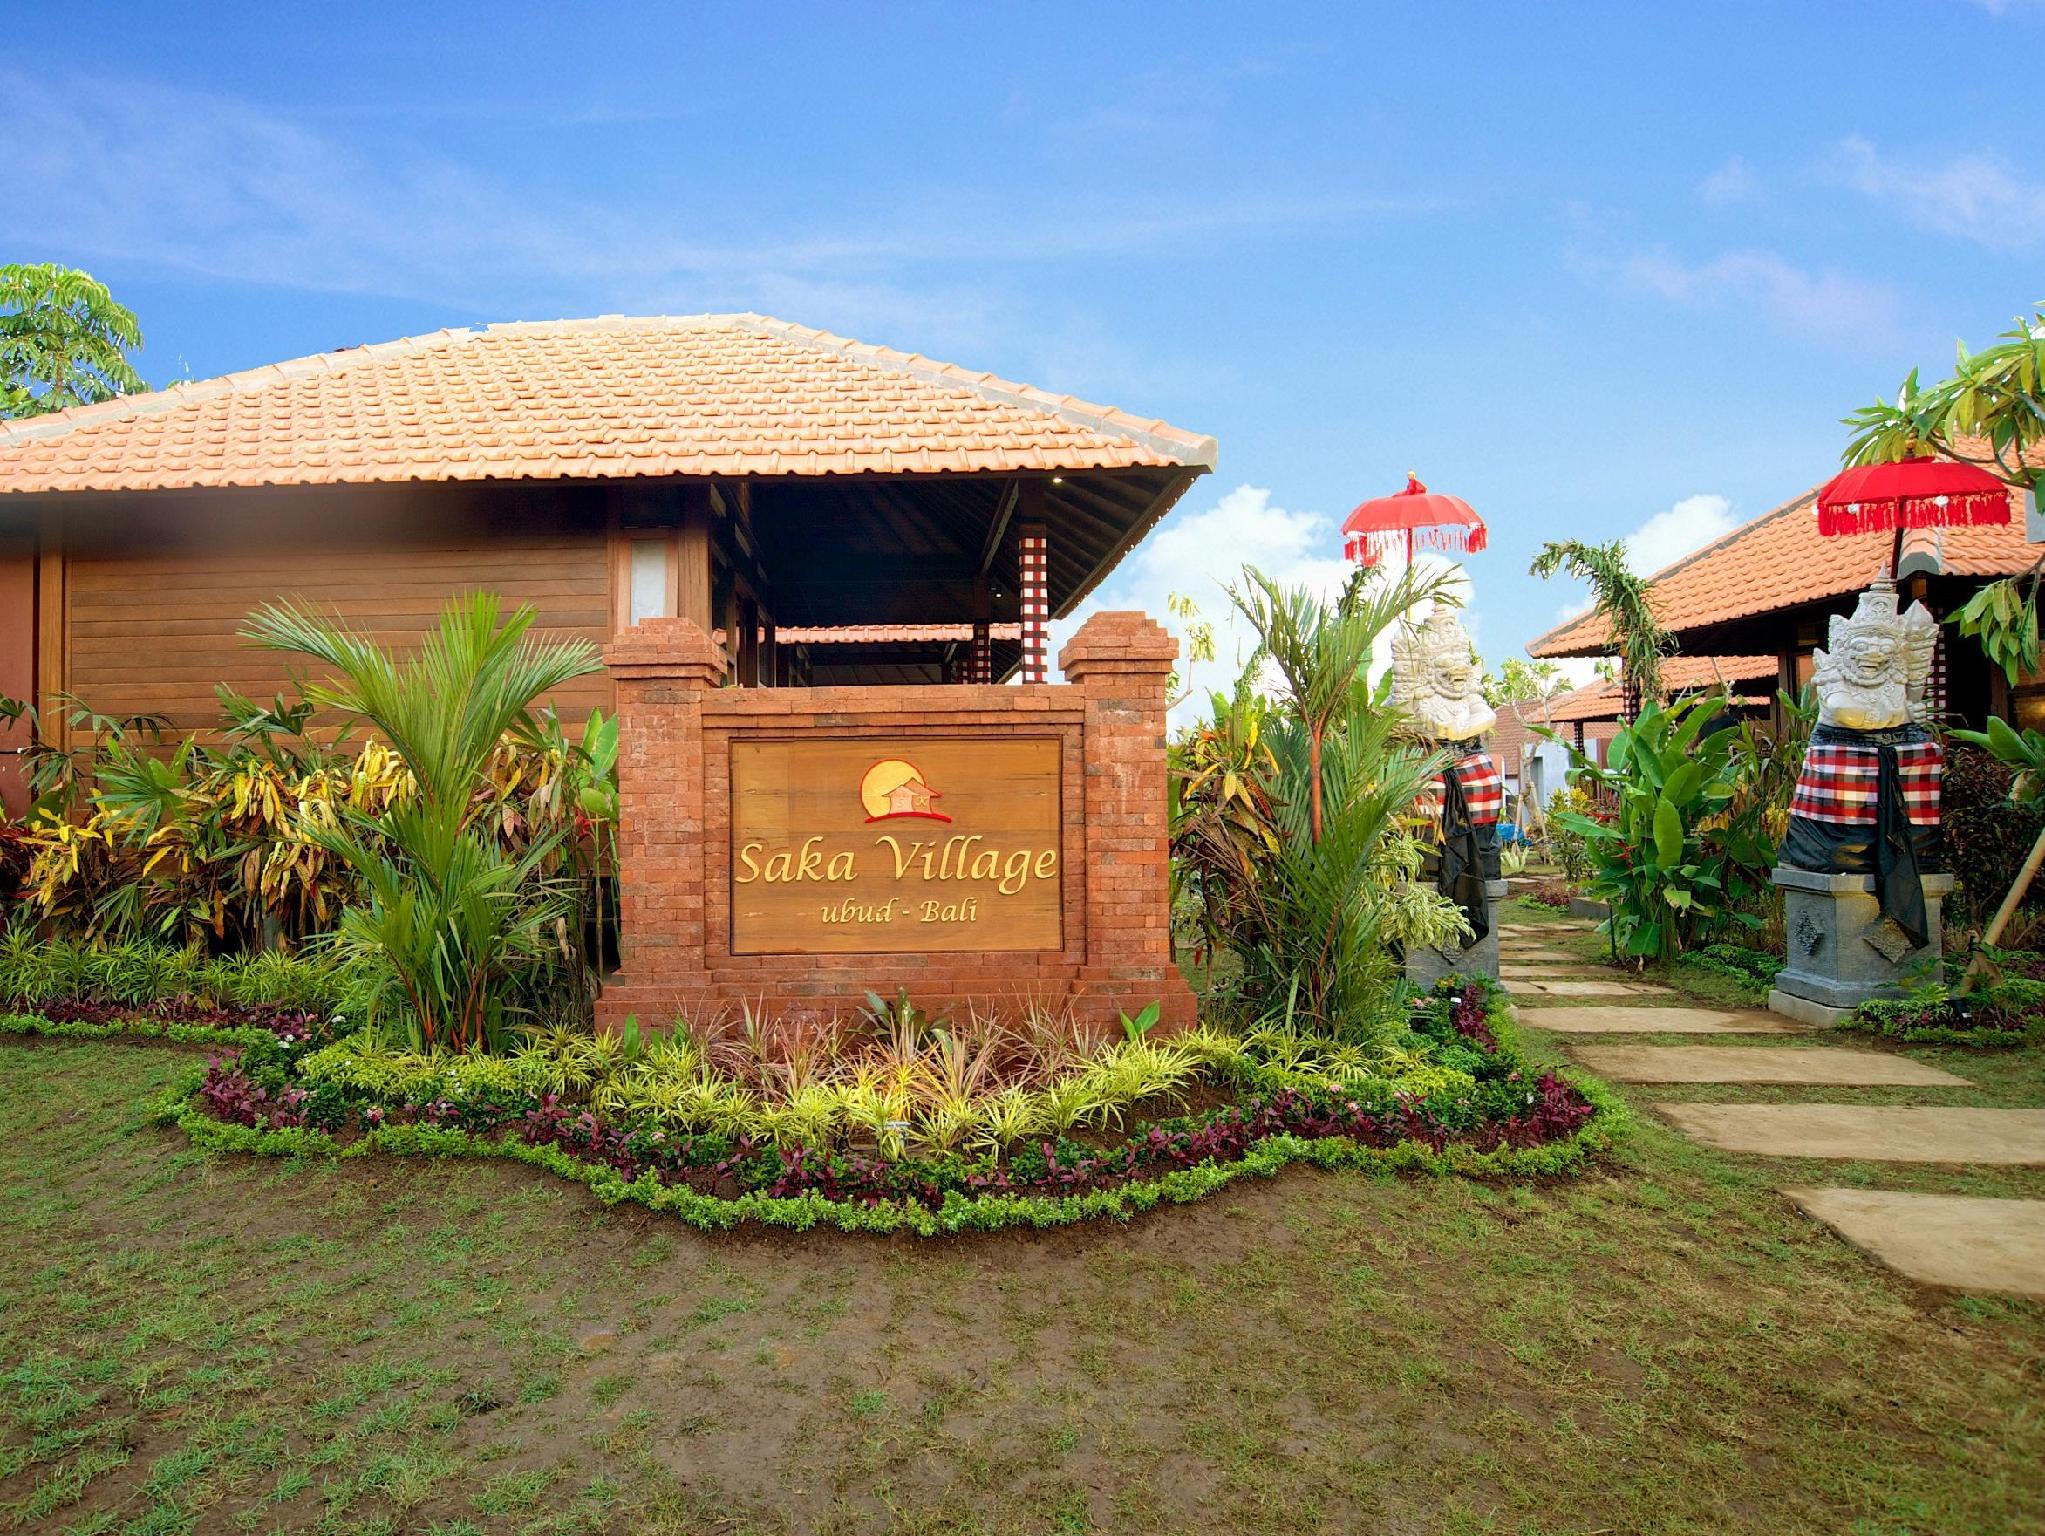 Saka Village Ubud